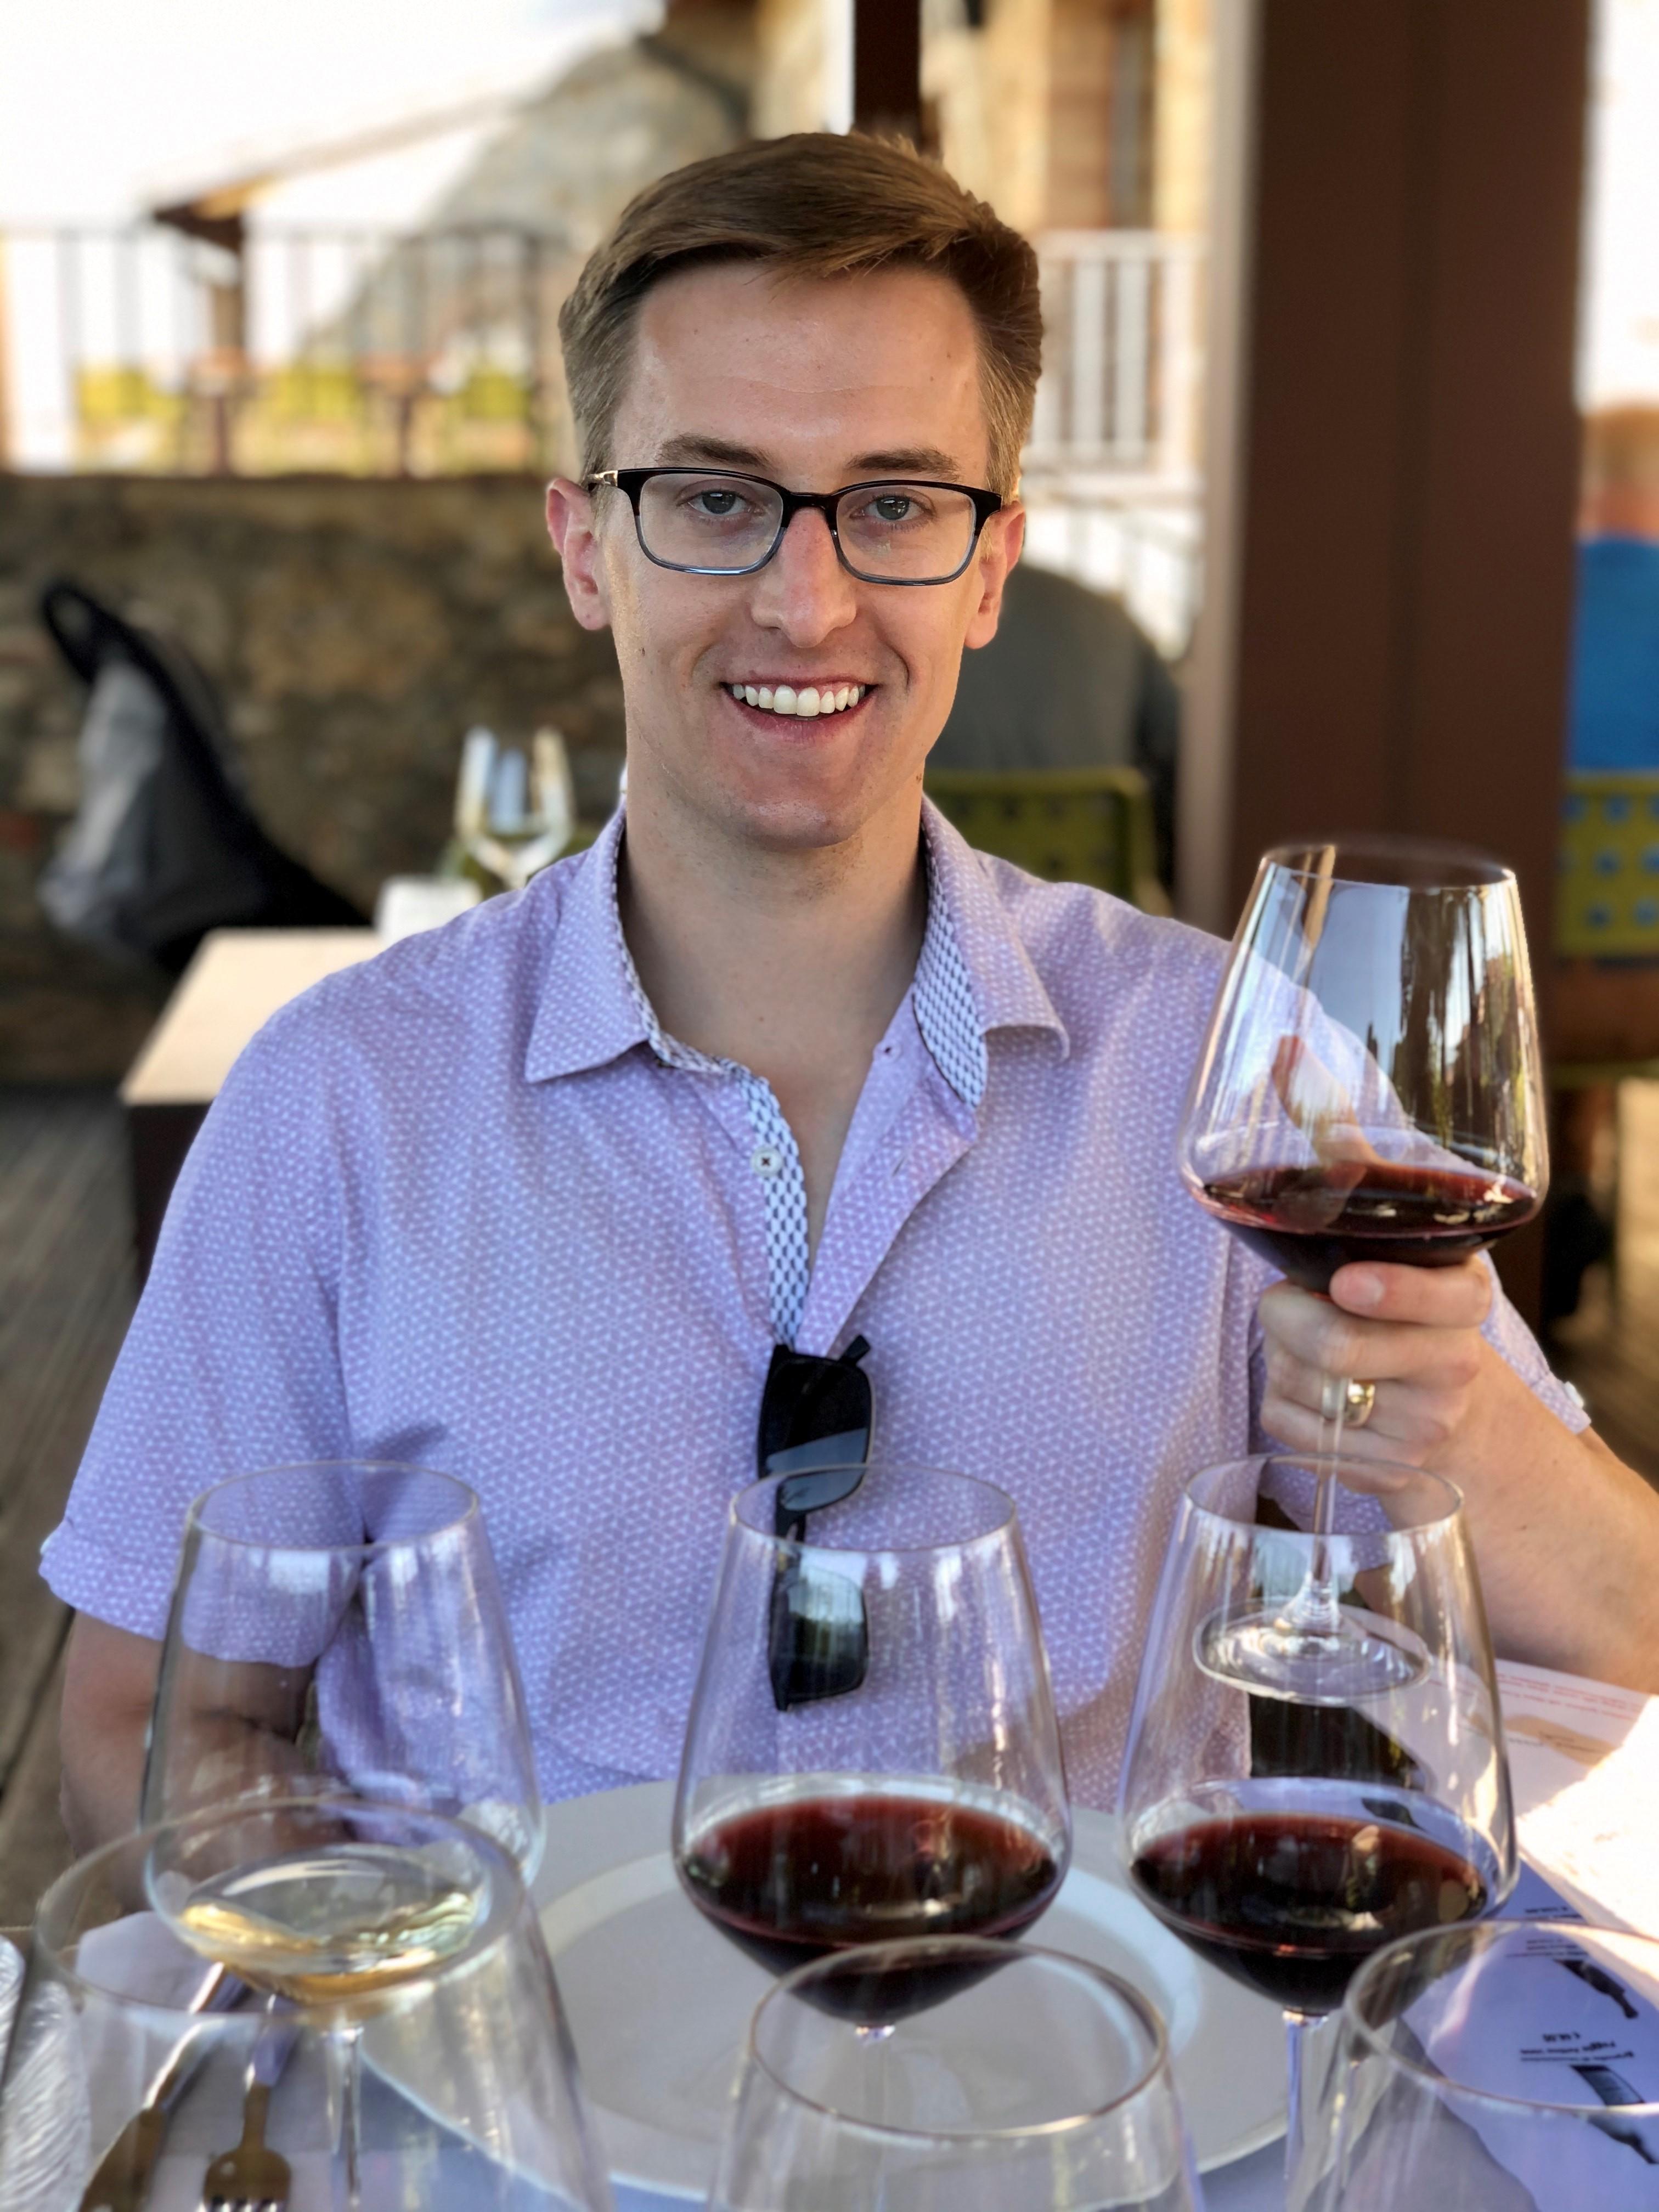 Mr & Mrs Schneider, wine tasting in Tuscany